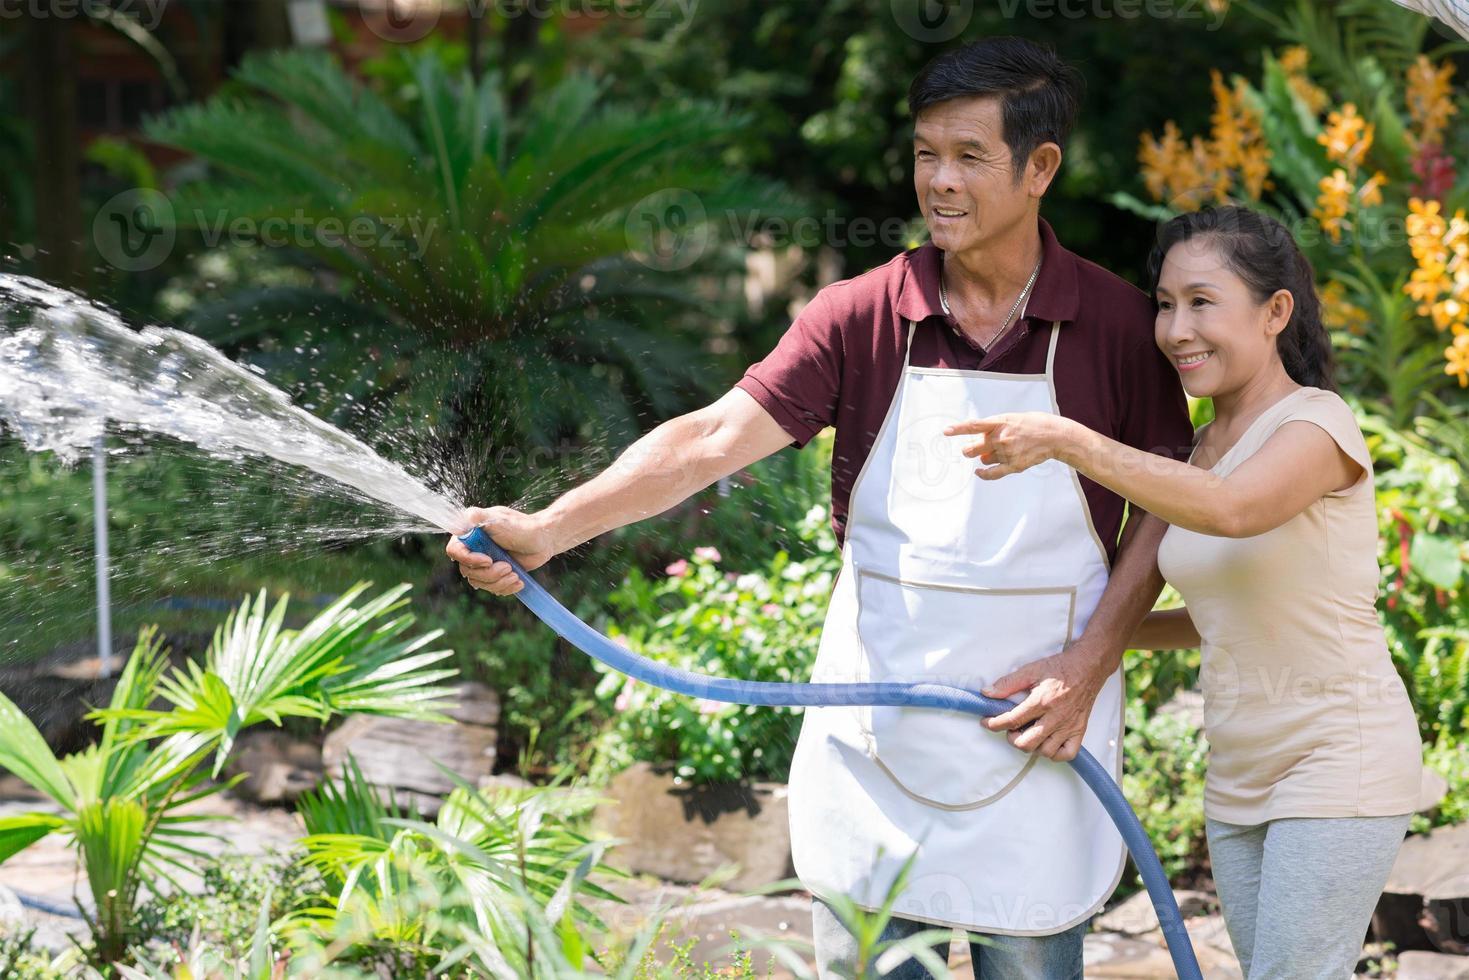 Garden irrigating photo